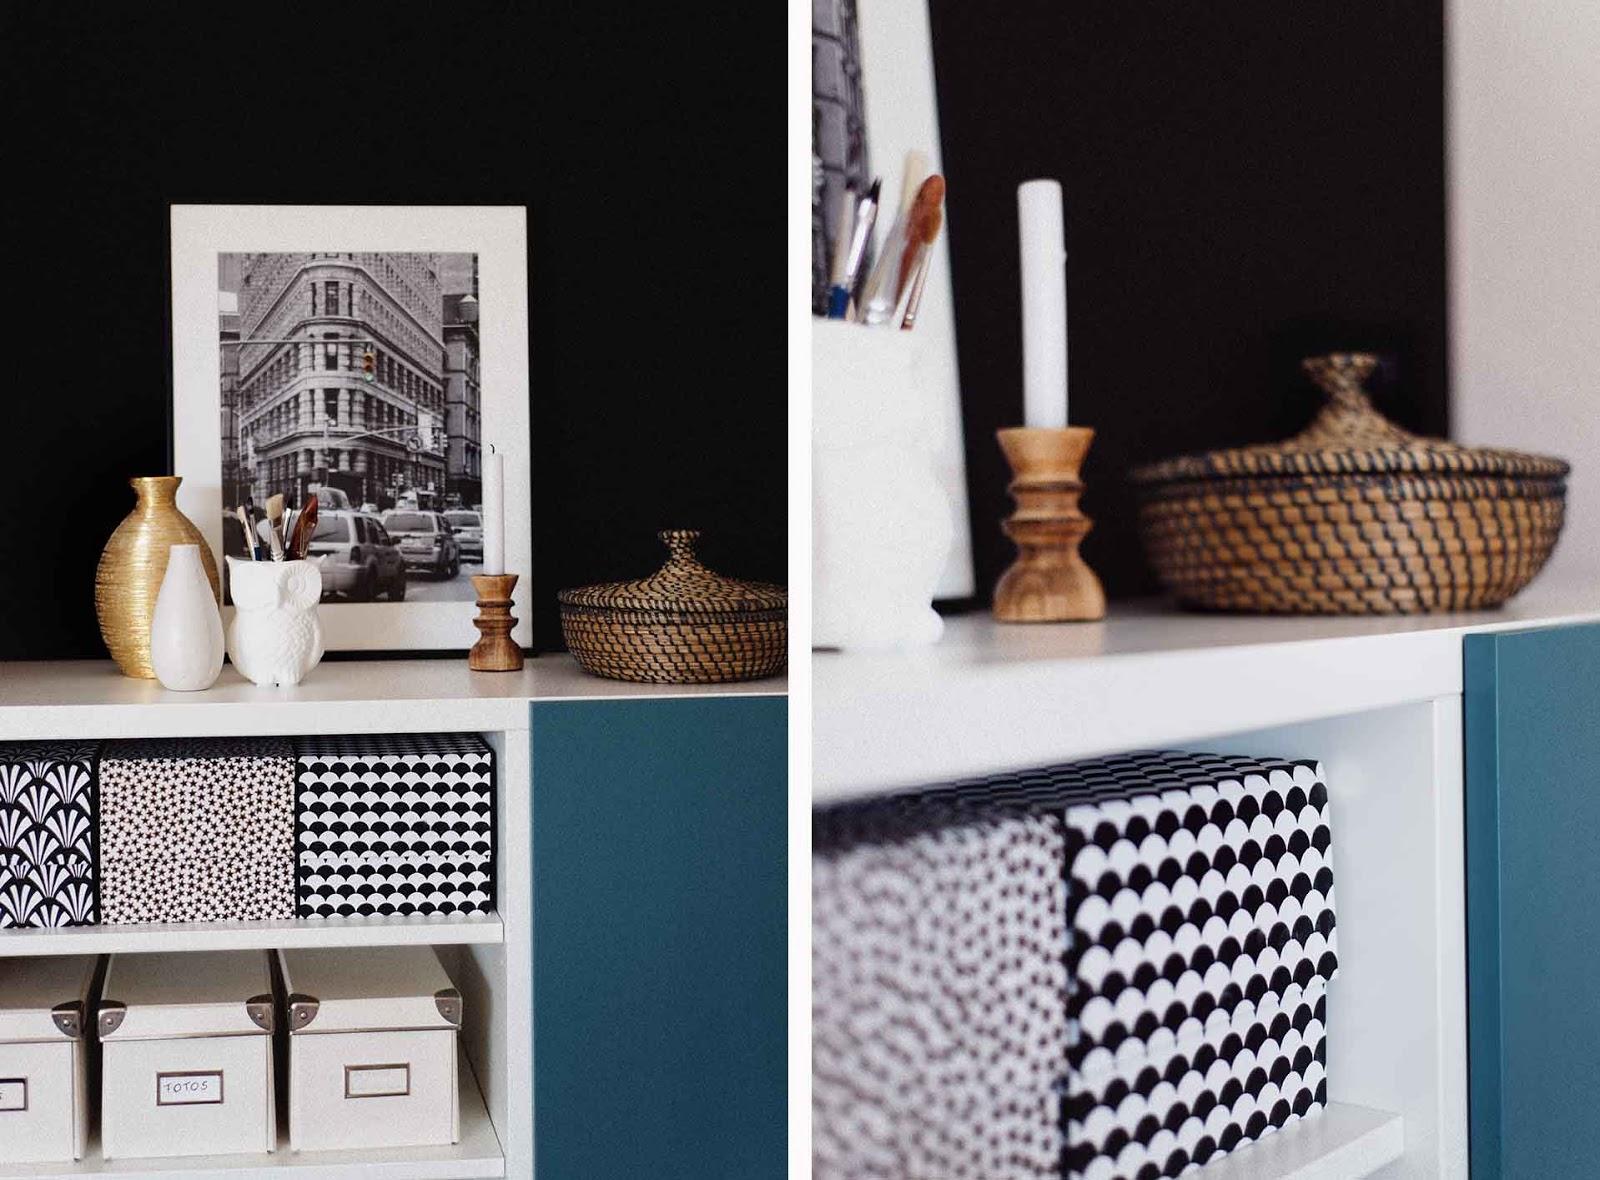 wohnzimmer petrol grau:Wohnzimmer petrol schwarz : Regal schwarz streichen rezept, zutaten